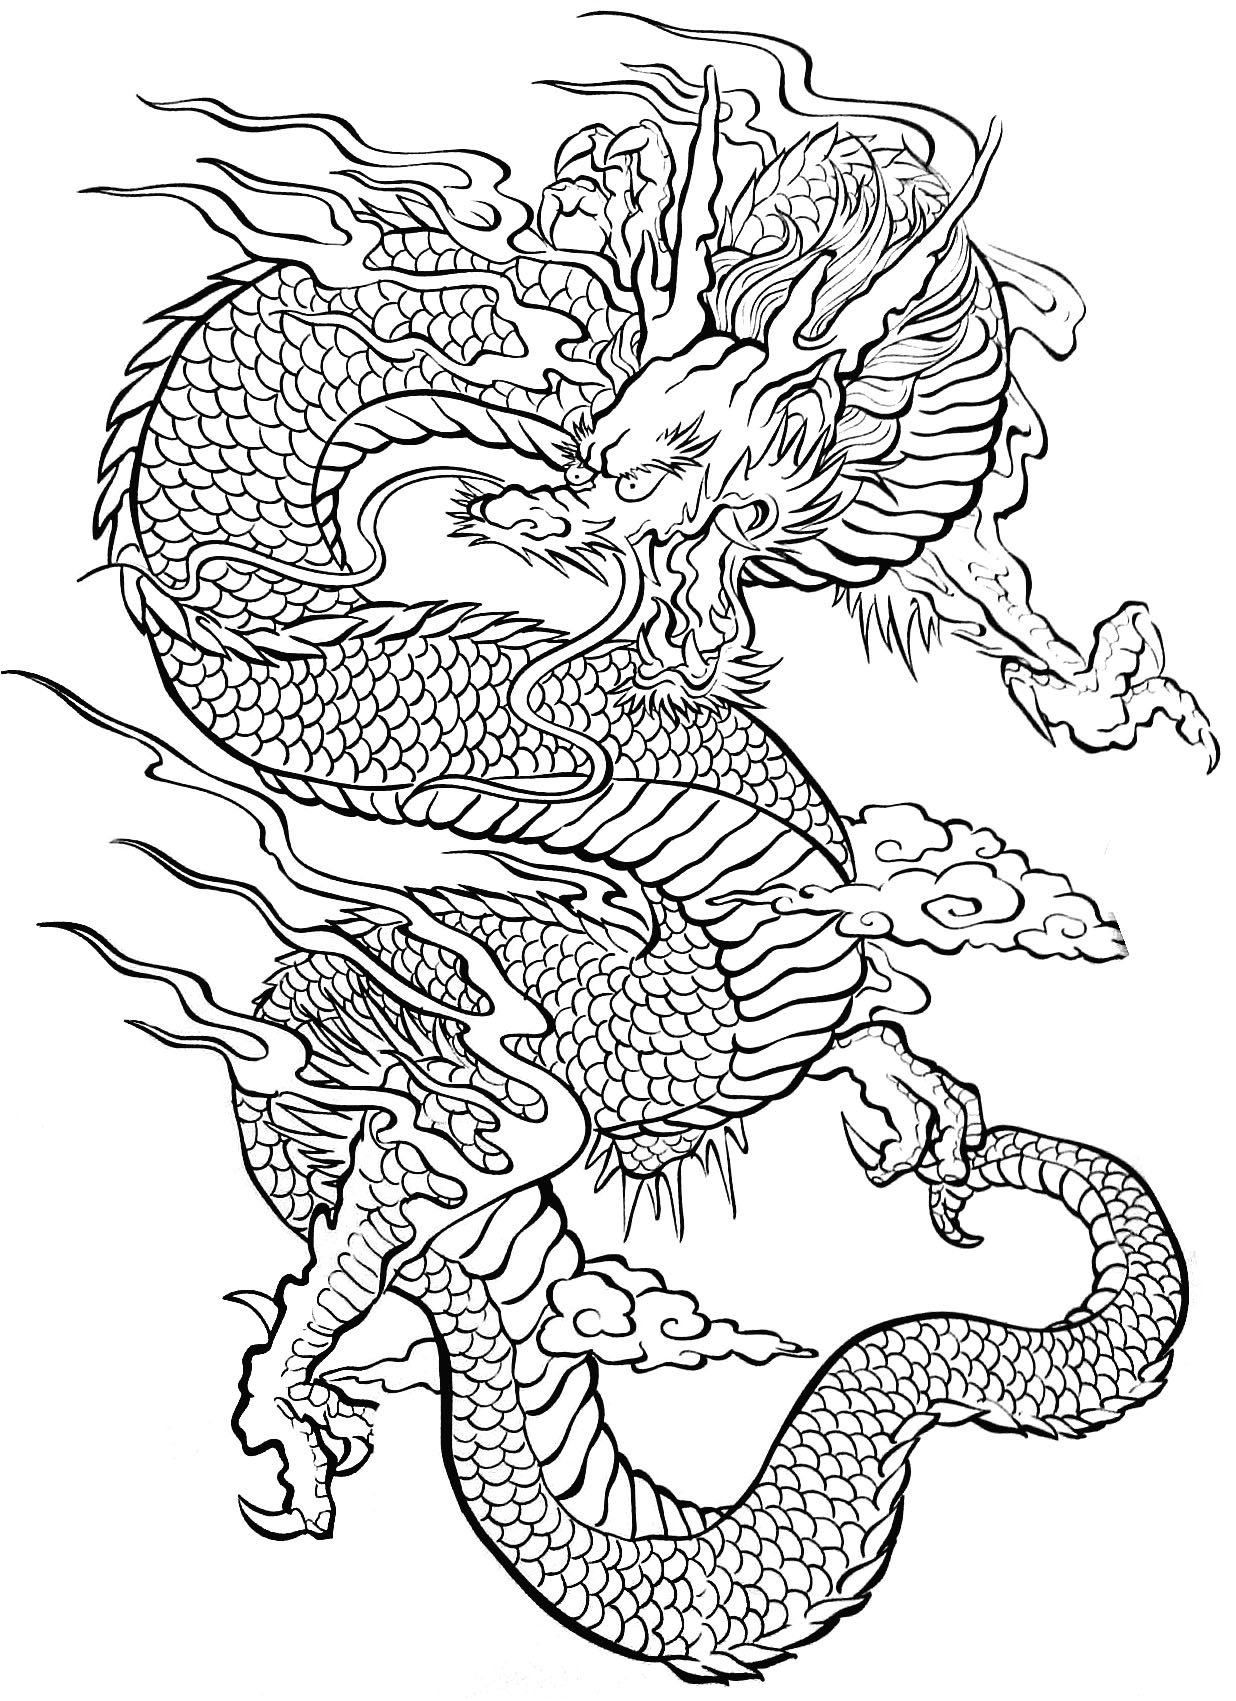 Tatuaggi disegni da colorare per adulti for Disegni da colorare per adulti paesaggi